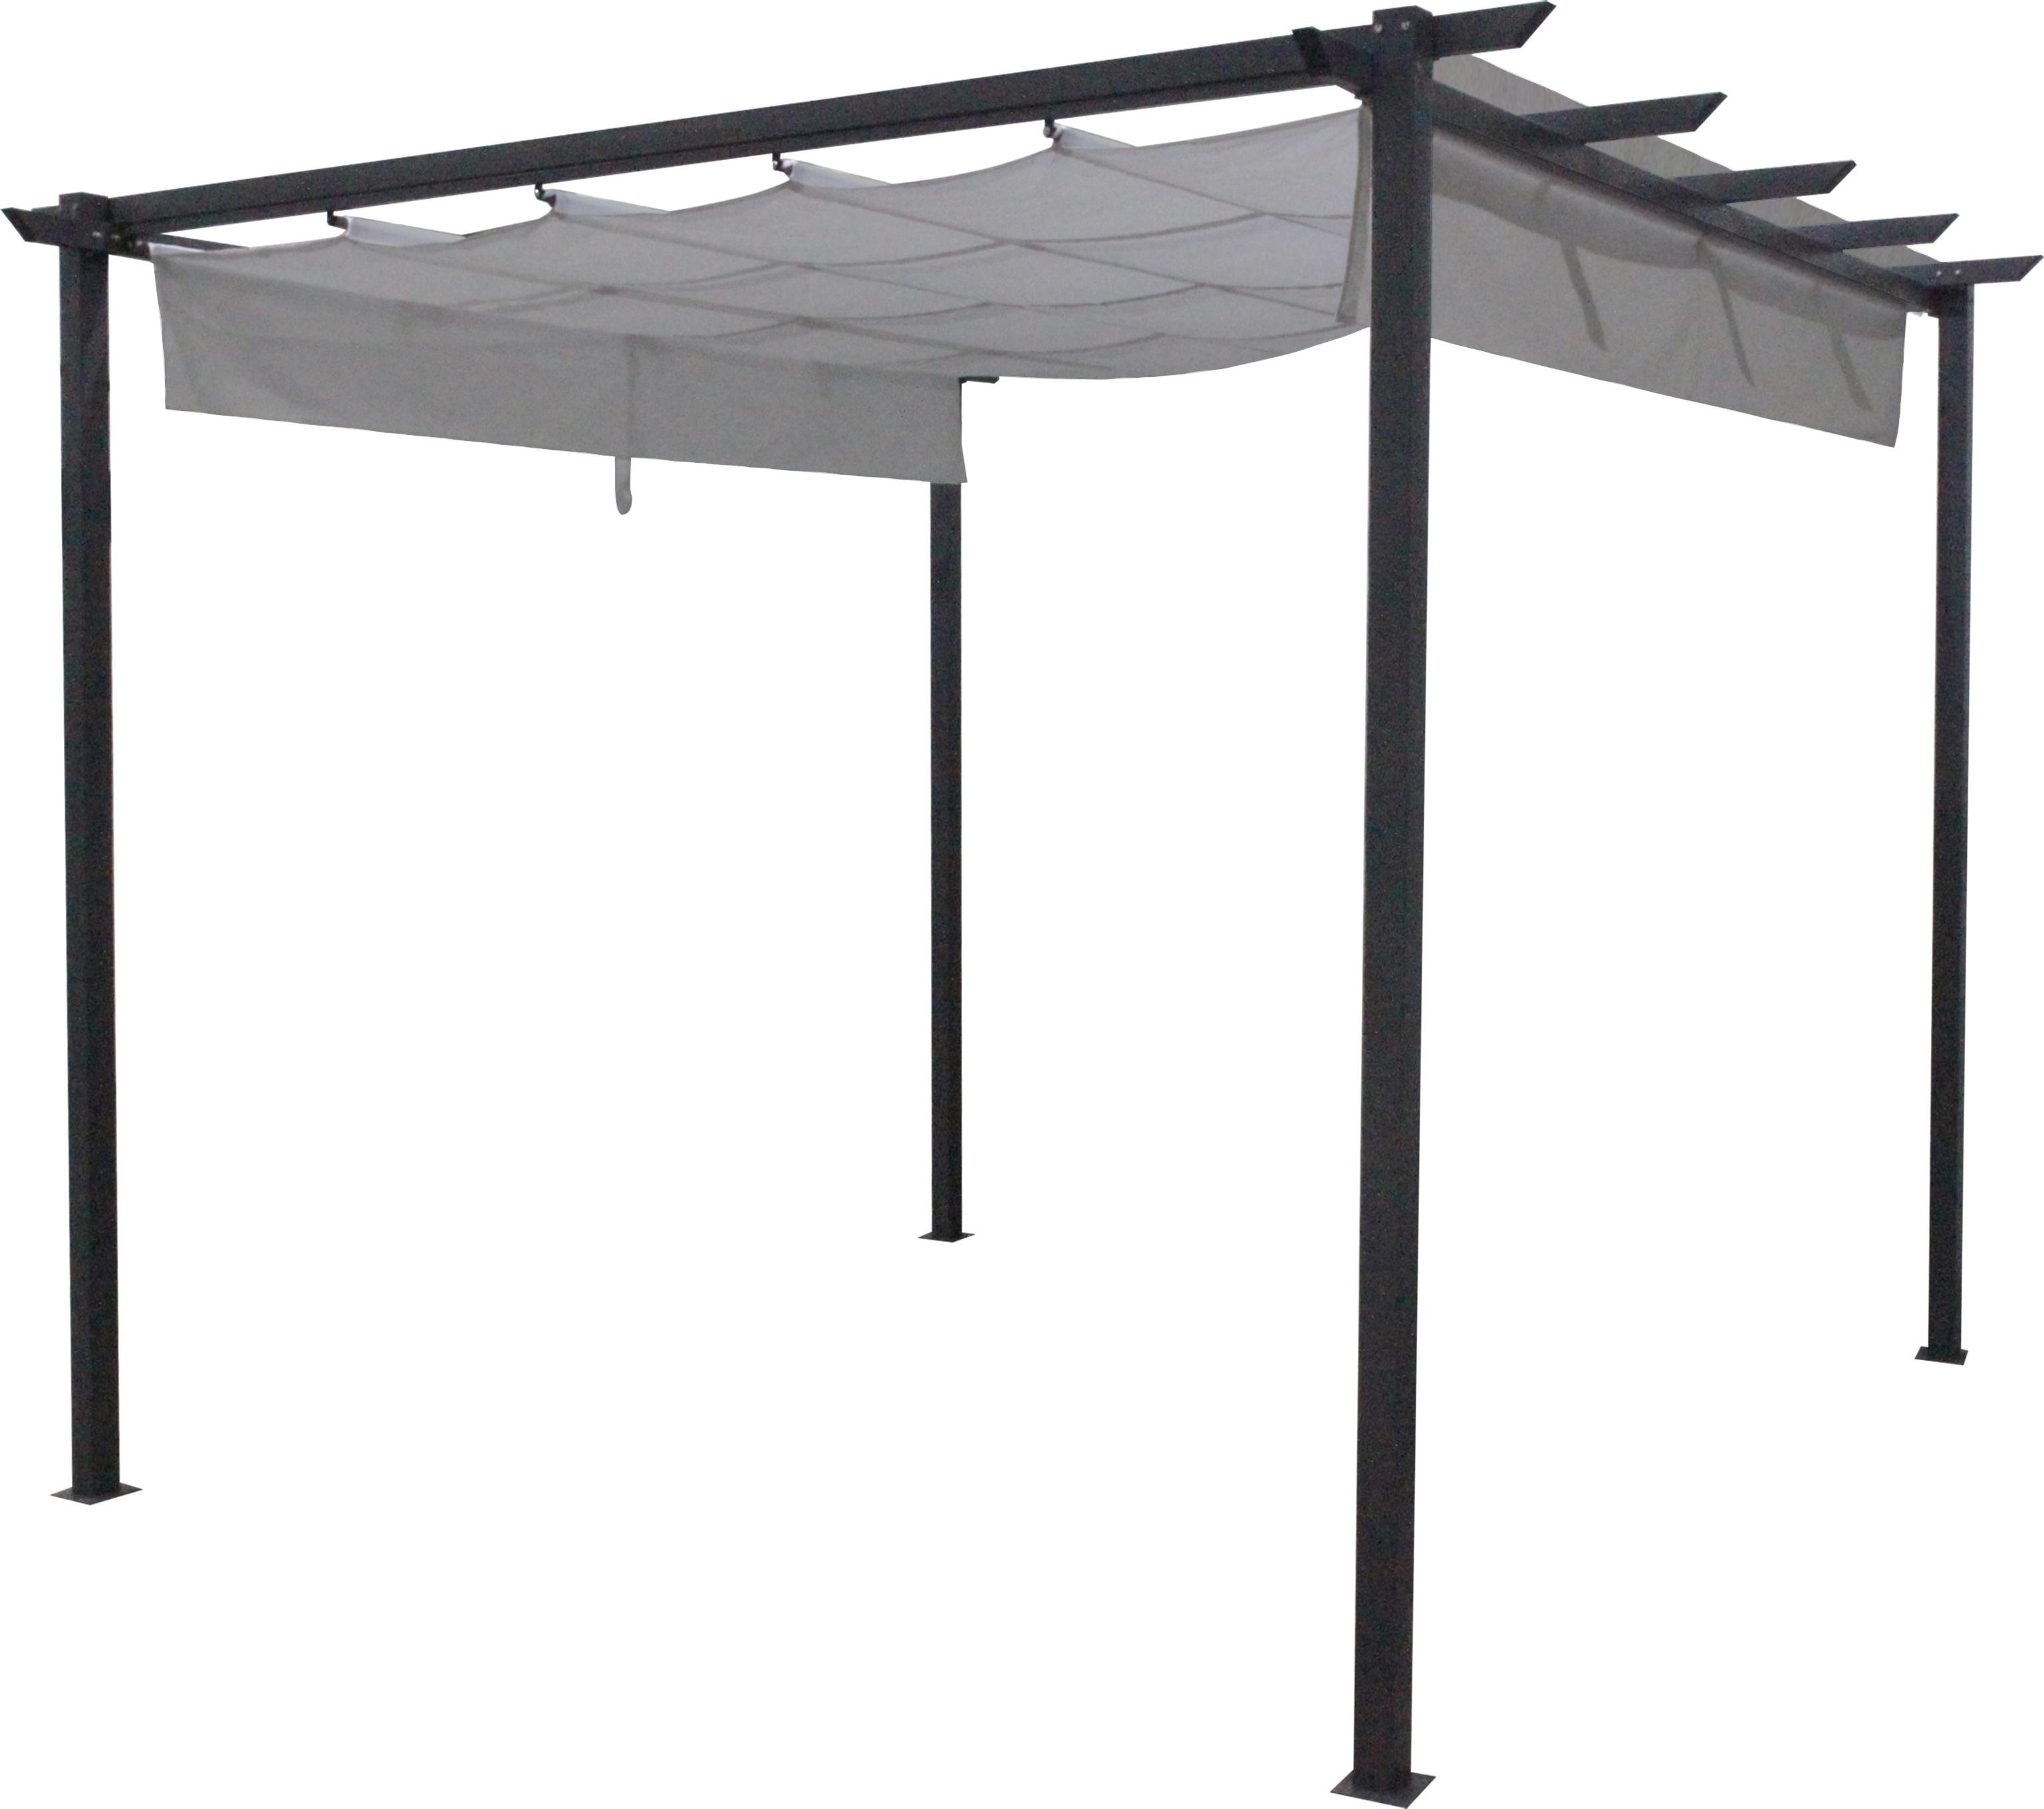 Lampe Exterieur Pour Tonnelle tonnelle avec voile 3 x 3 x 2,3 m - mr.bricolage